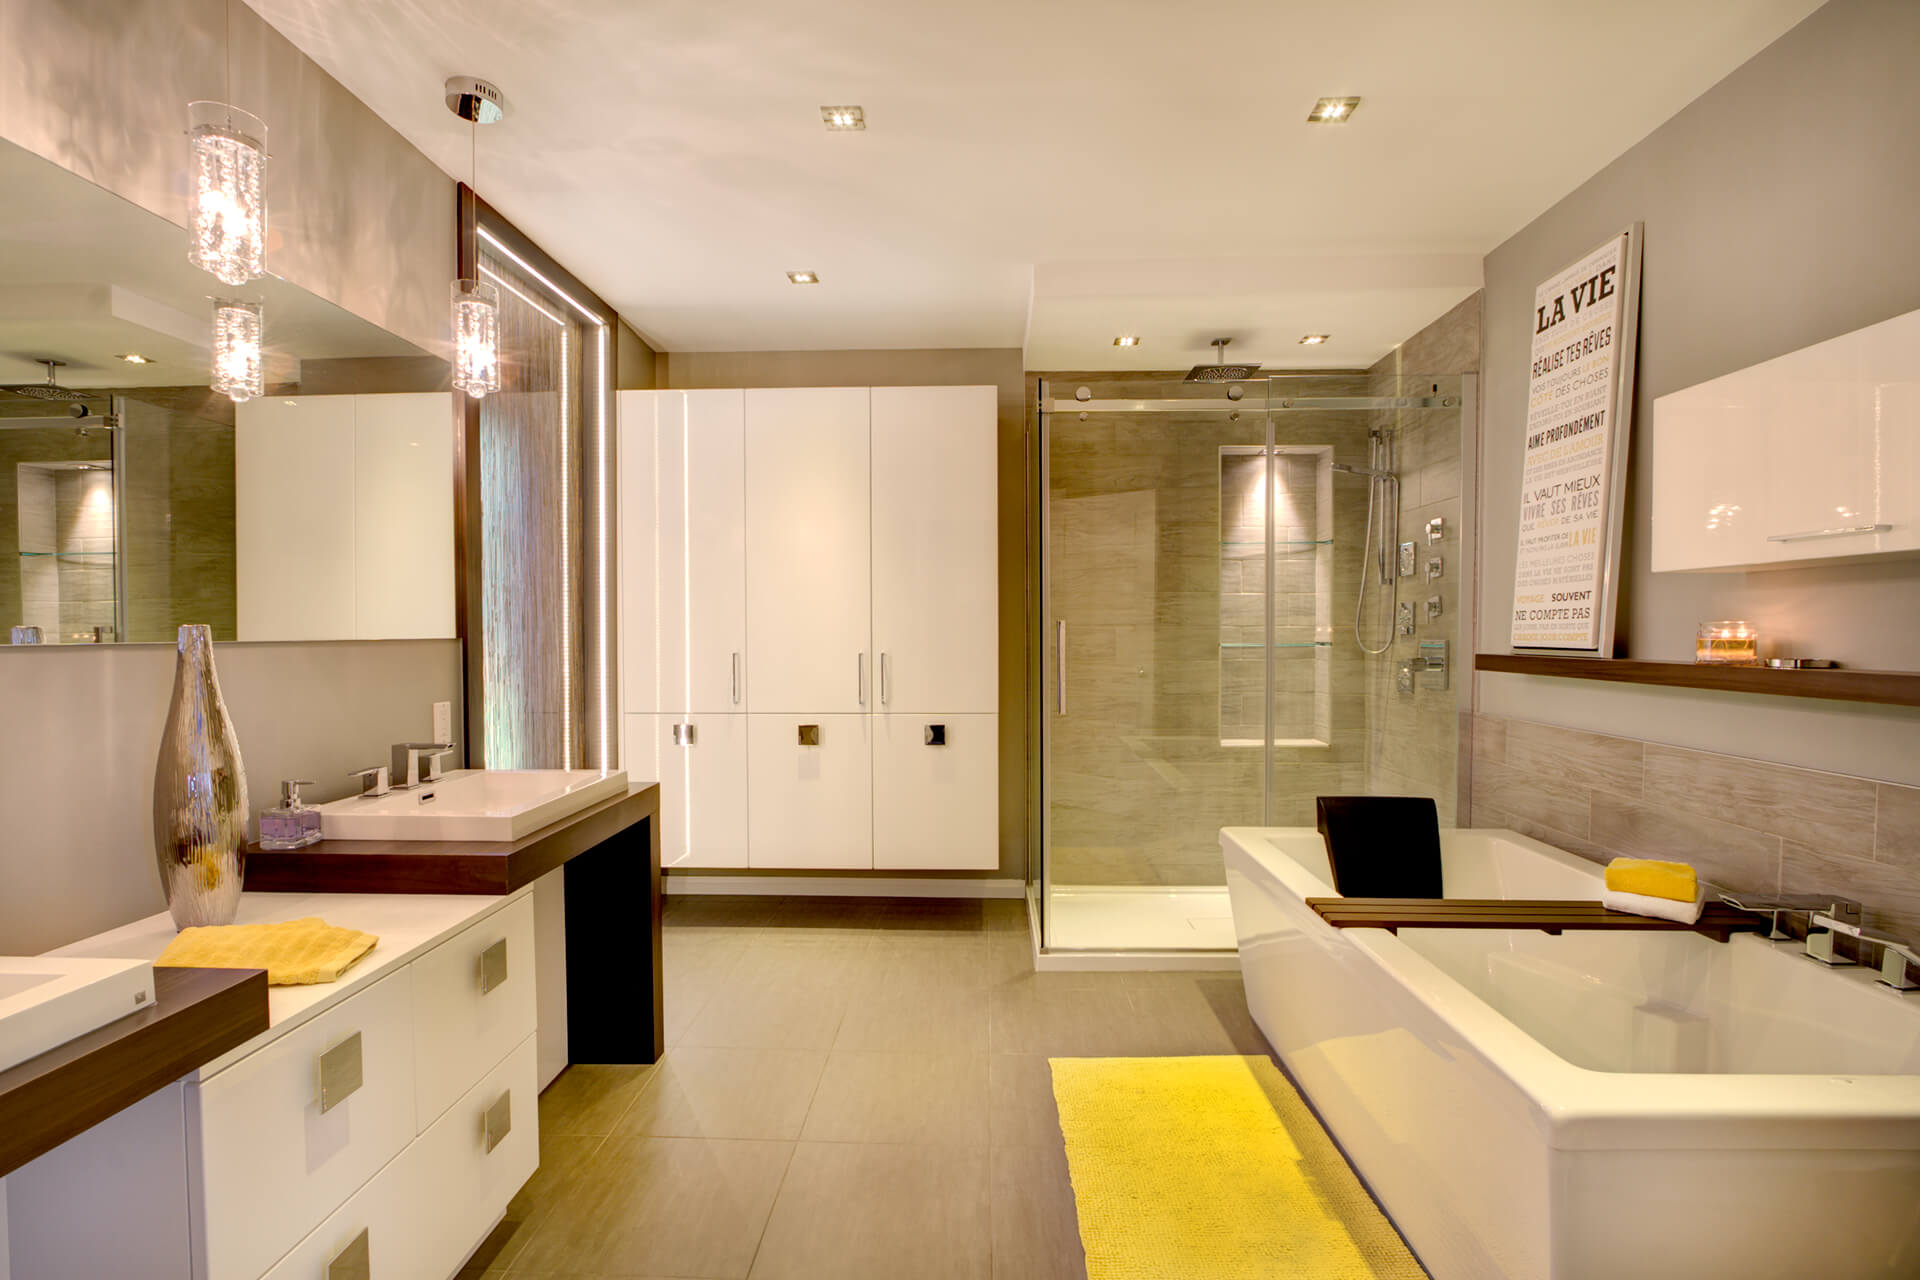 salle de bain contemporaine christian marcoux. Black Bedroom Furniture Sets. Home Design Ideas